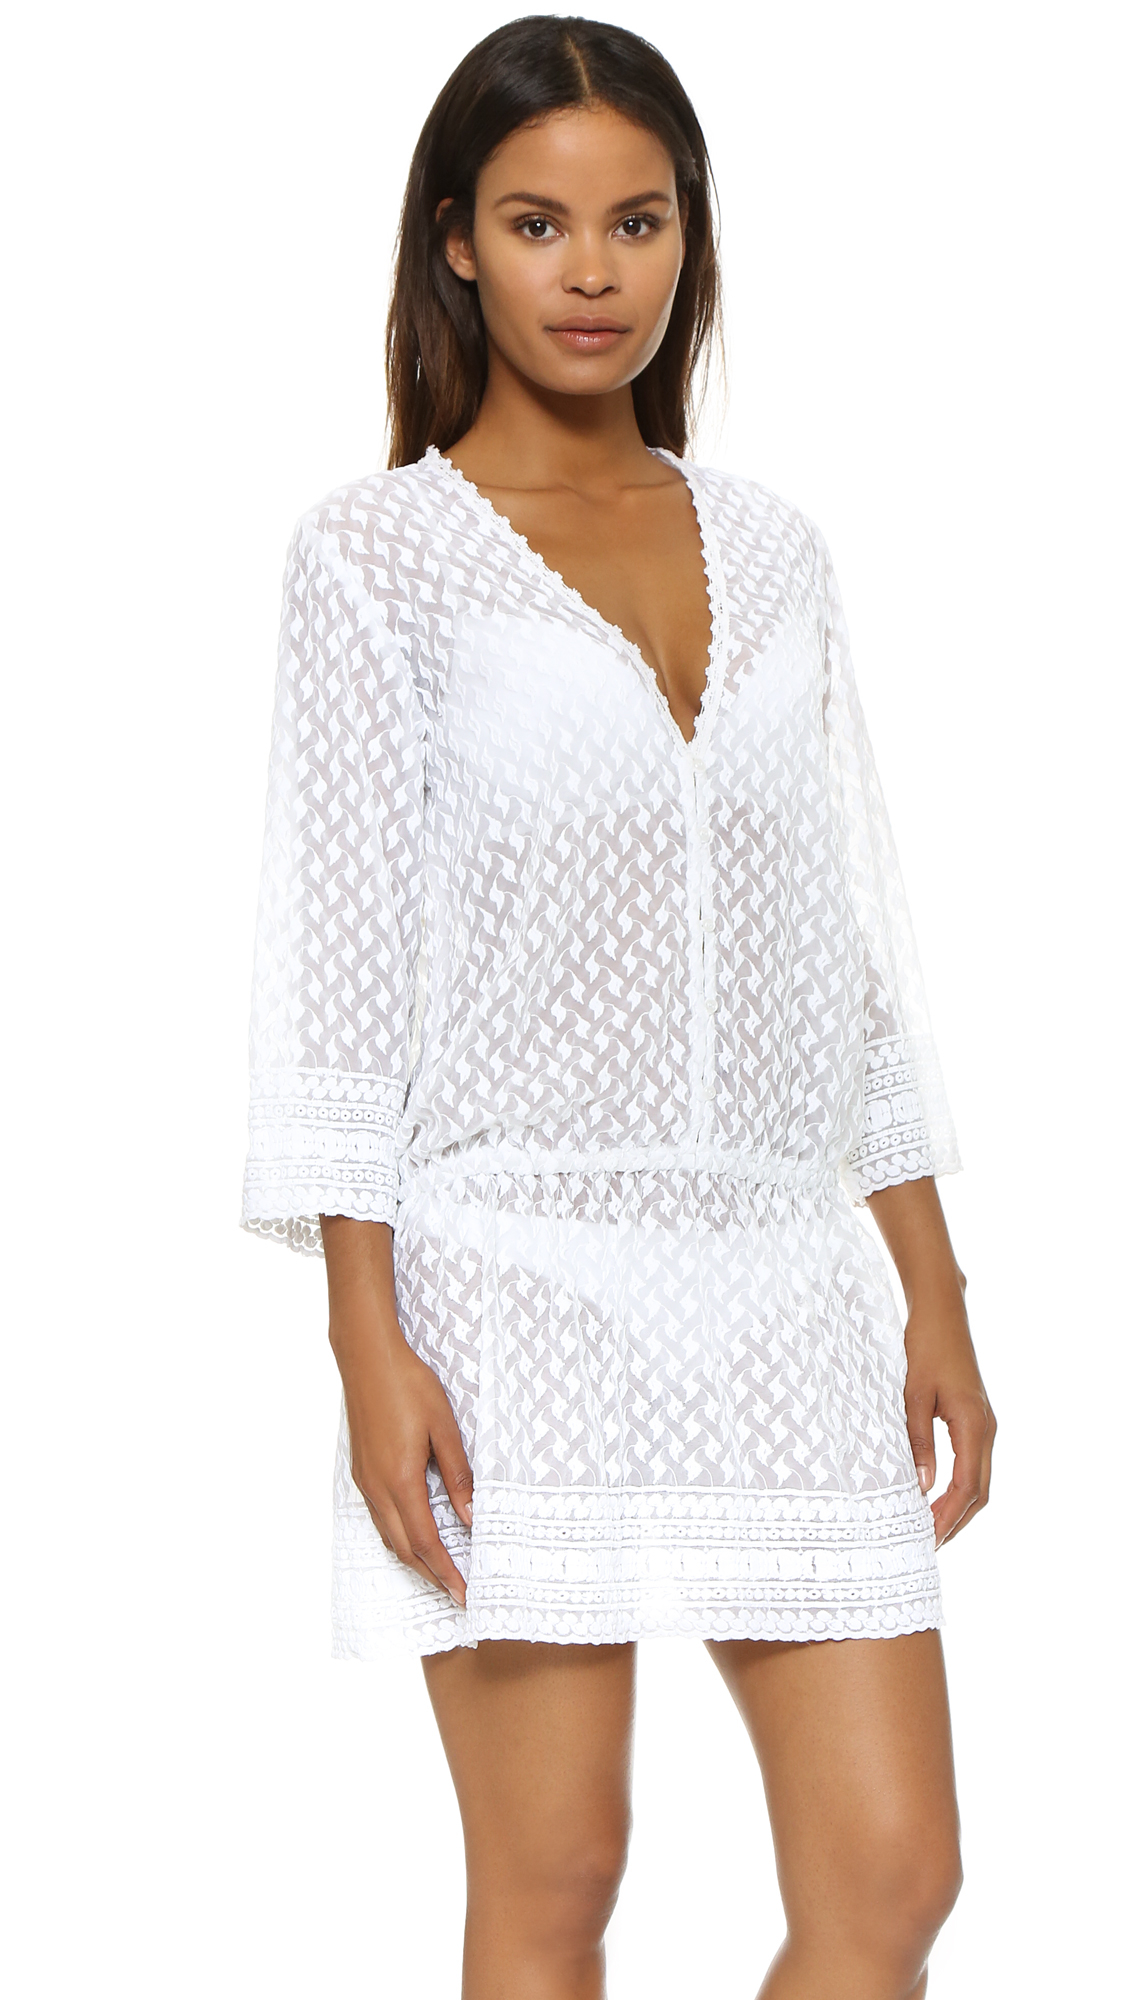 Kylie dress Melissa Odabash RH76XoZ7